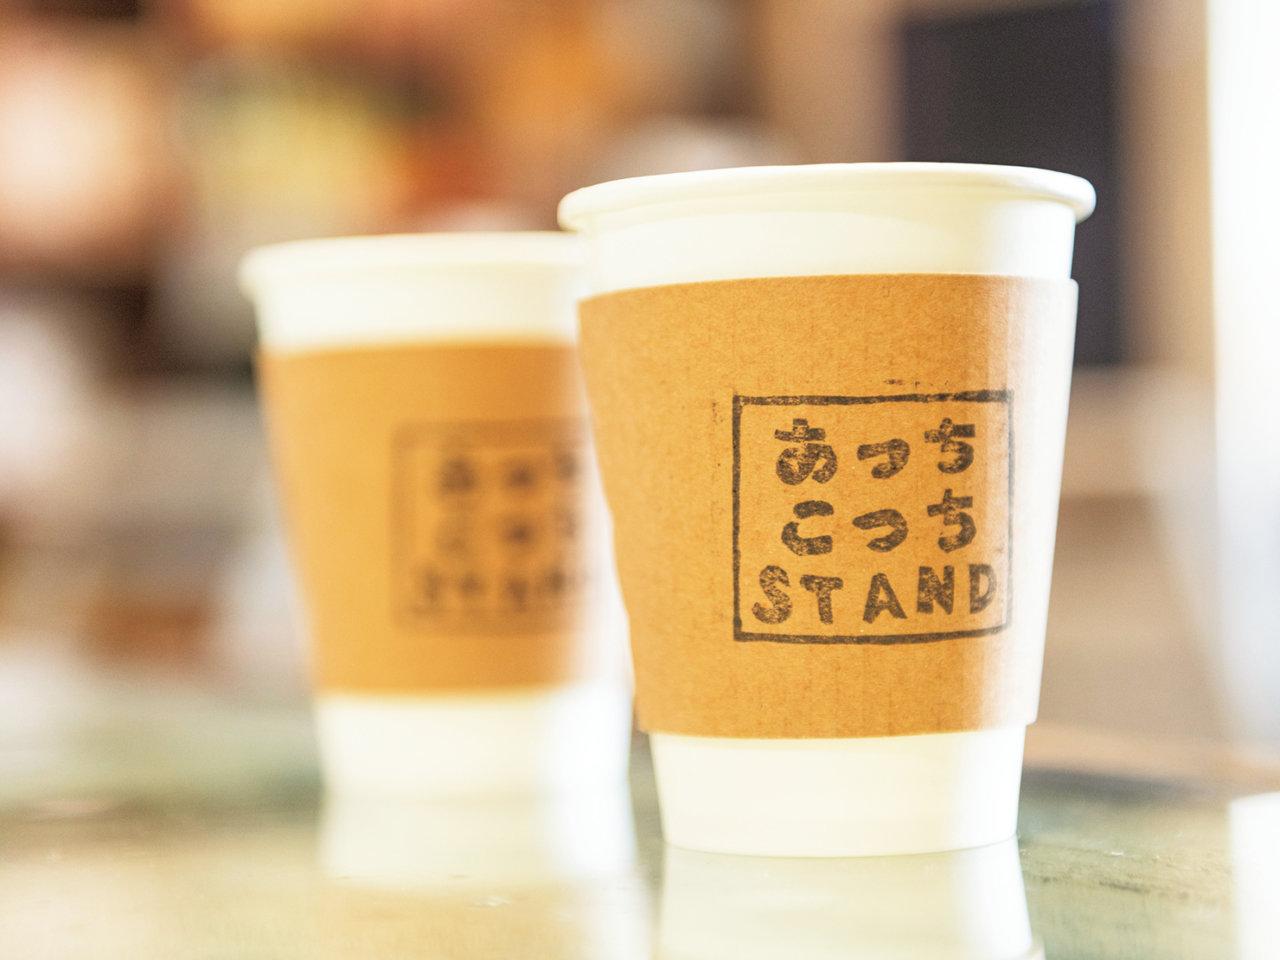 ポップアップ式のコーヒースタンドがつなぐ。『あっちこっちSTAND』がつくる、あたたかい場所。